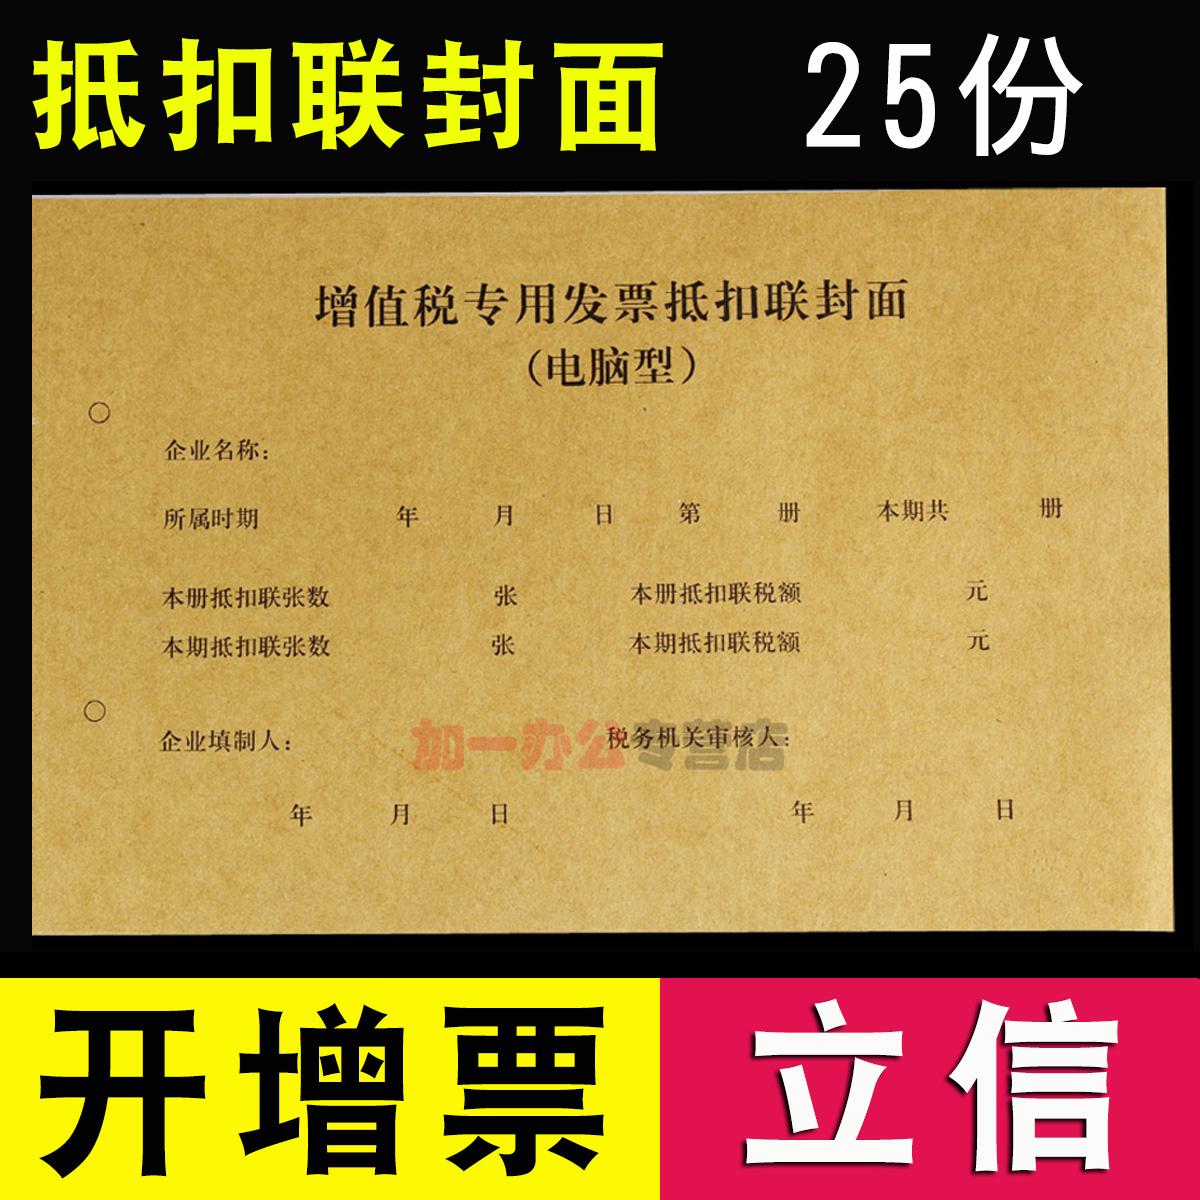 【25份】立信增值�票�M�抵扣�封面牛皮�征�扣��b��{�C封皮封底加厚�S闷贝笾行√�192-20